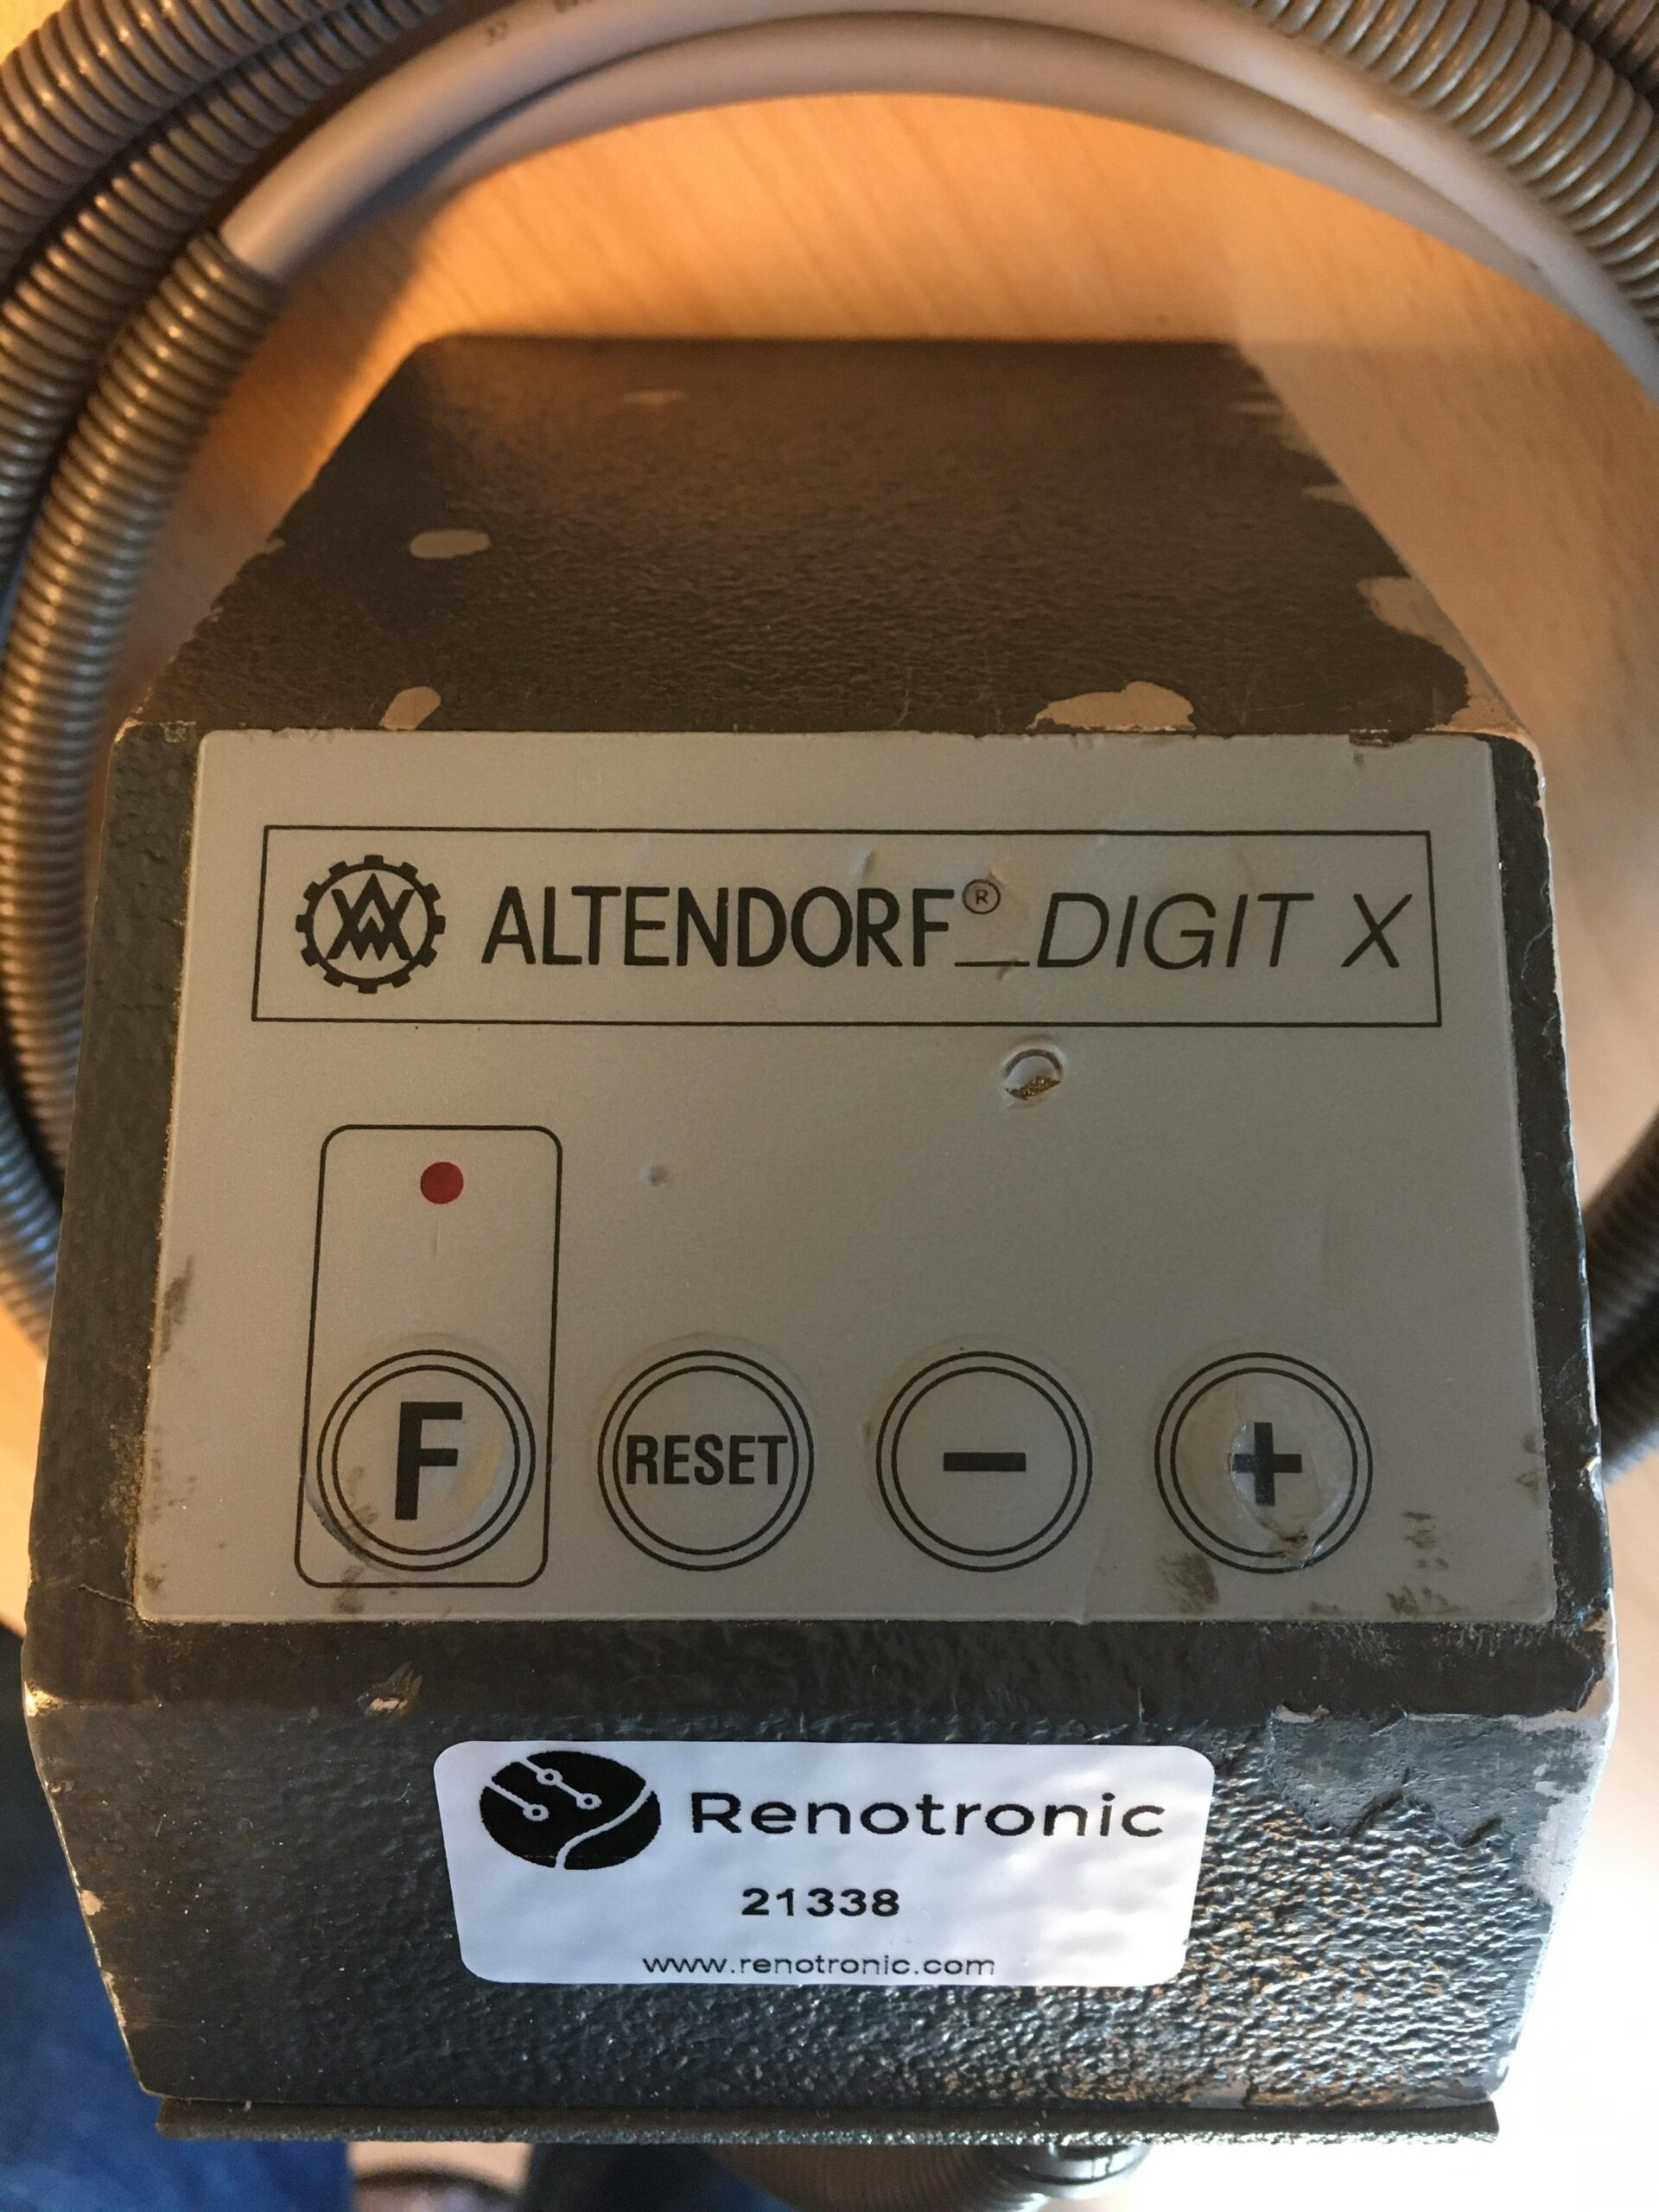 Altendorf Digit X